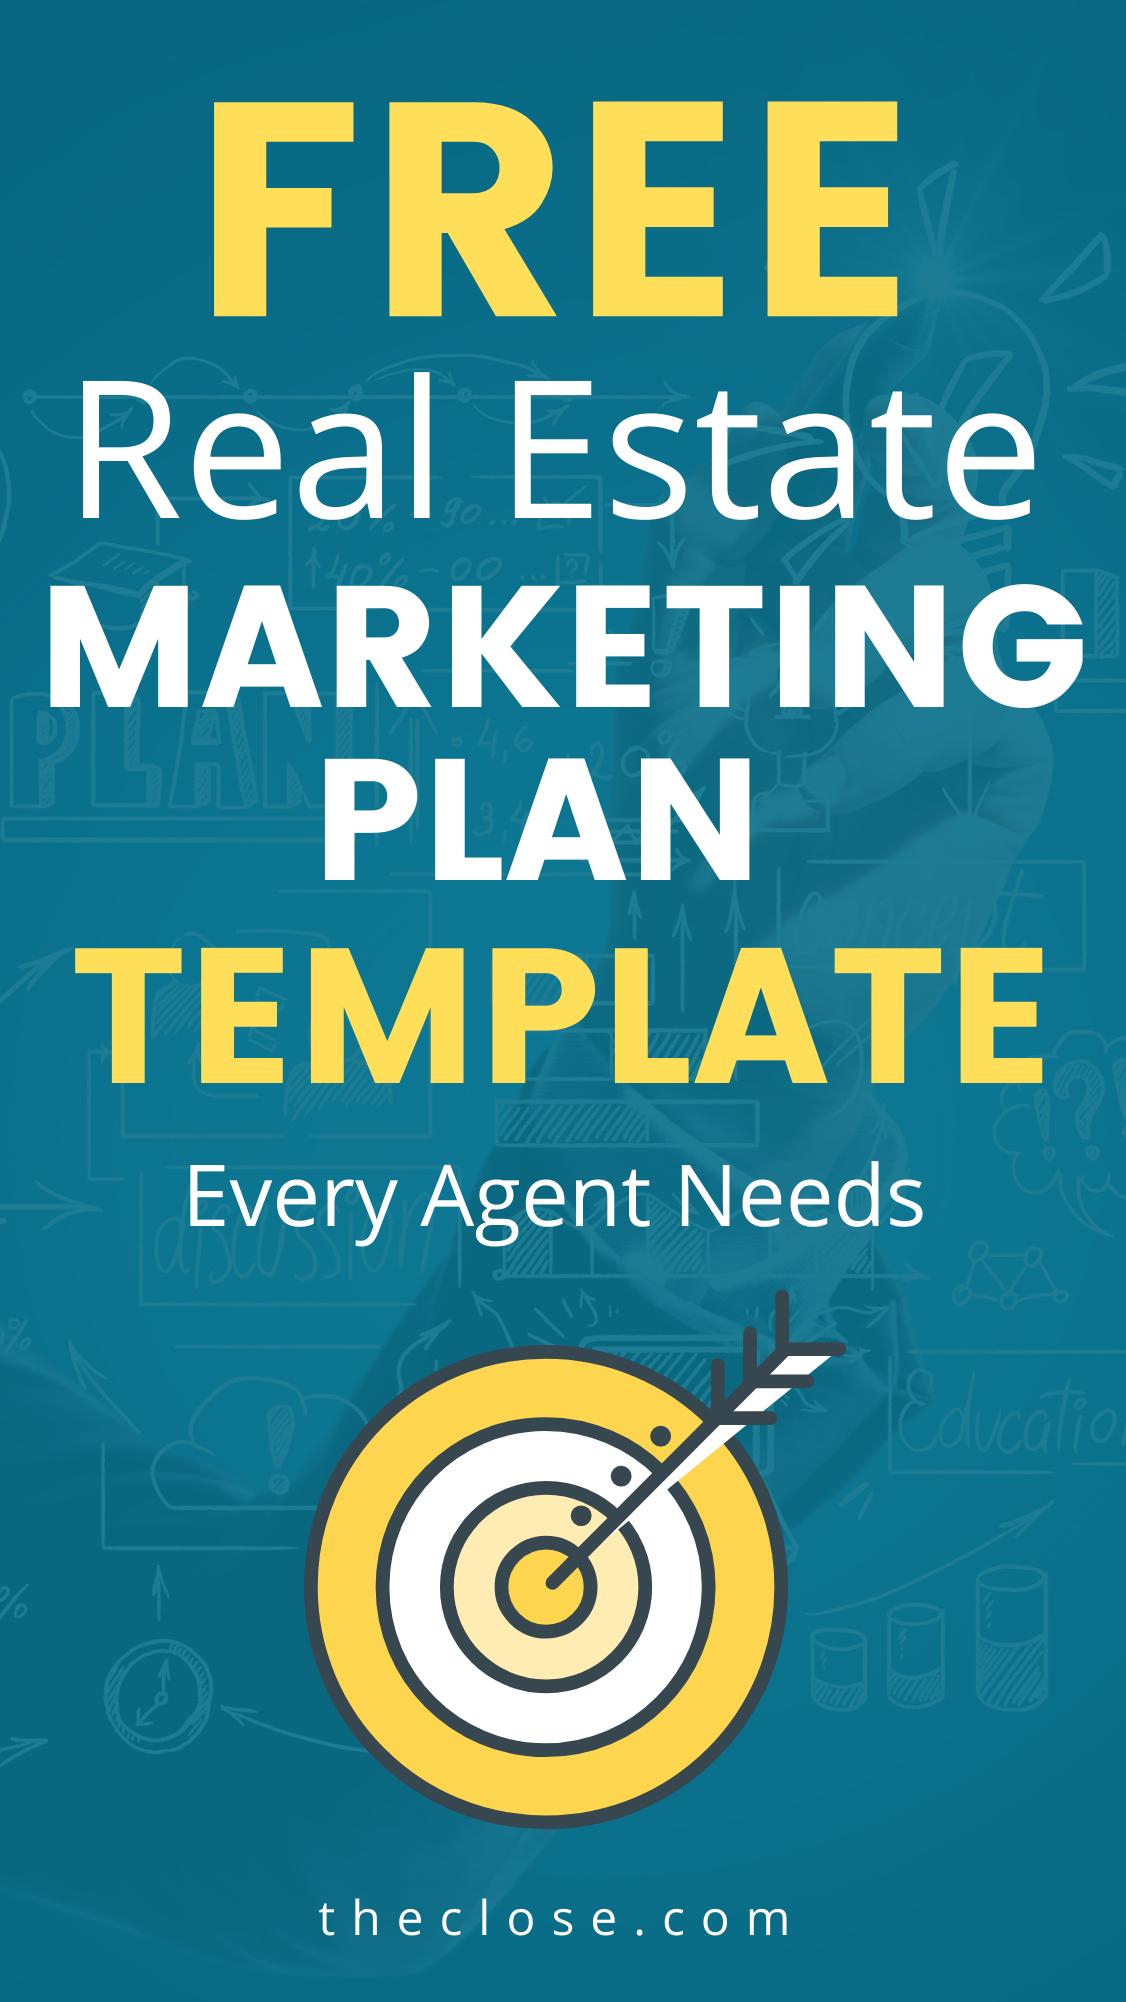 Free Real Estate Marketing Plan Template